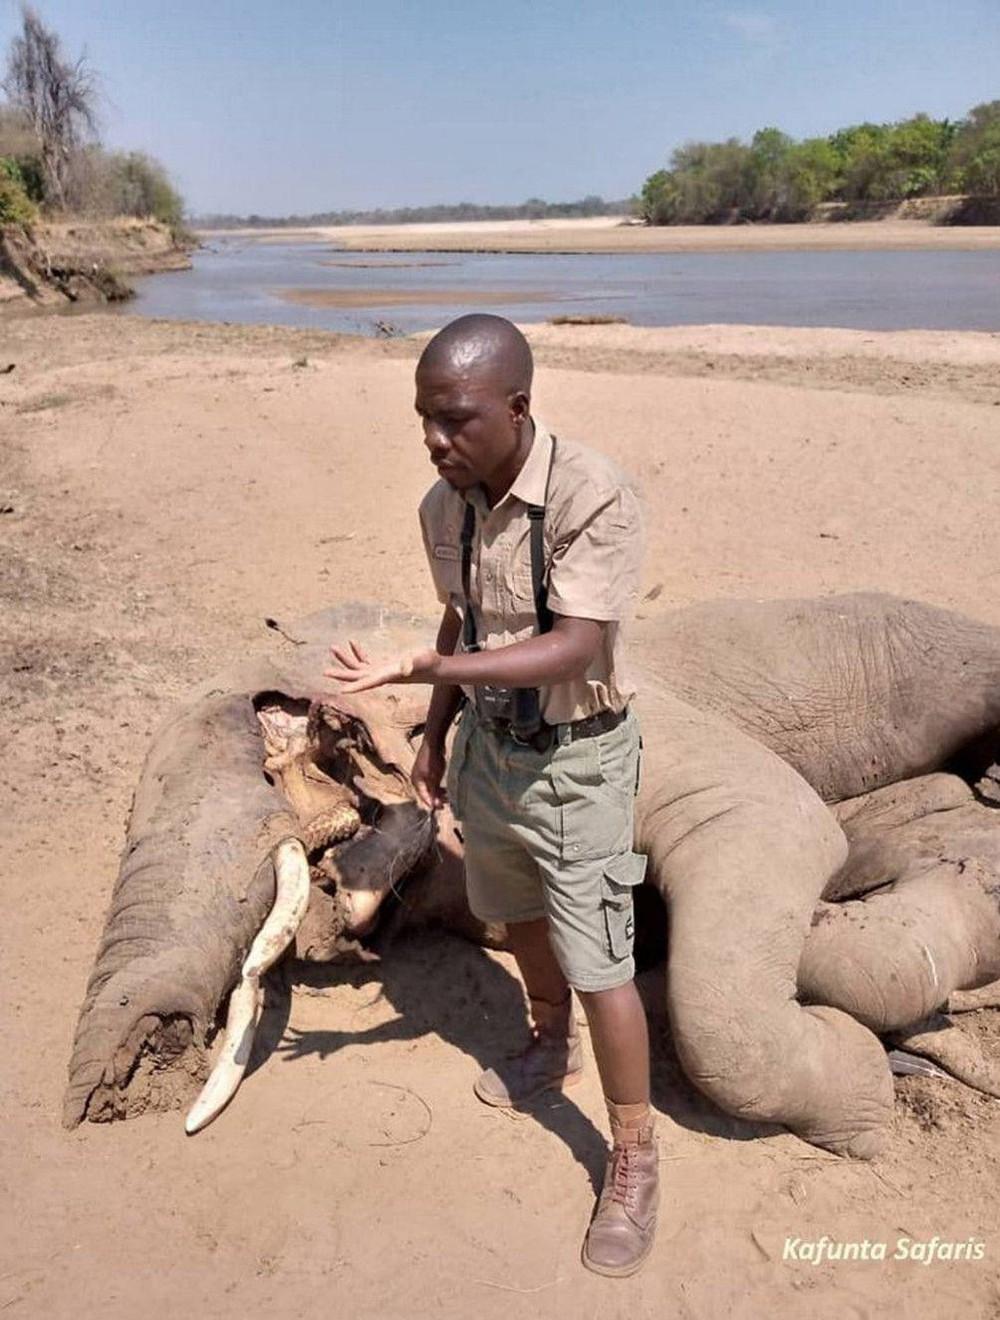 Đến kiểm tra xác voi bên bờ sông, nhà bảo tồn sững sờ khi nhìn thấy thứ bên dưới thi thể 5 tấn - Ảnh 4.